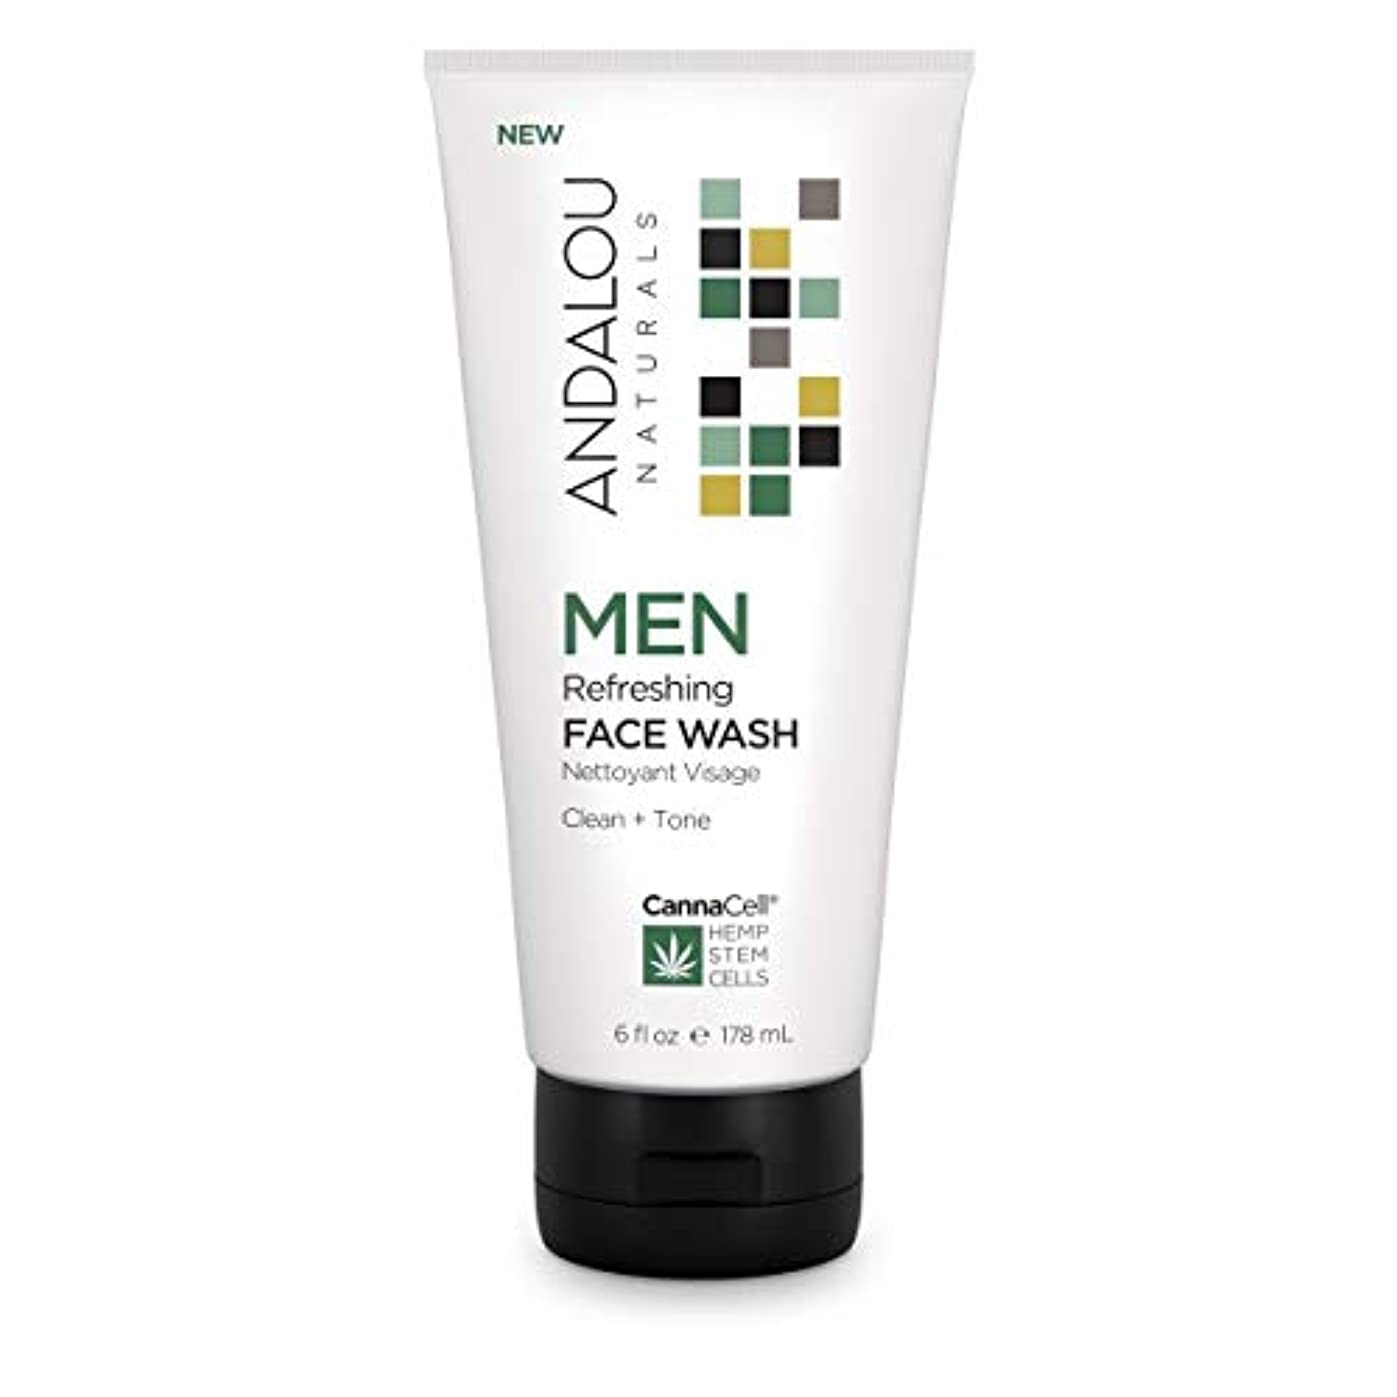 ビデオ流体無視オーガニック ボタニカル 洗顔料 洗顔フォーム ナチュラル フルーツ幹細胞 ヘンプ幹細胞 「 MEN リフレッシングフェイスウォッシュ 」 ANDALOU naturals アンダルー ナチュラルズ